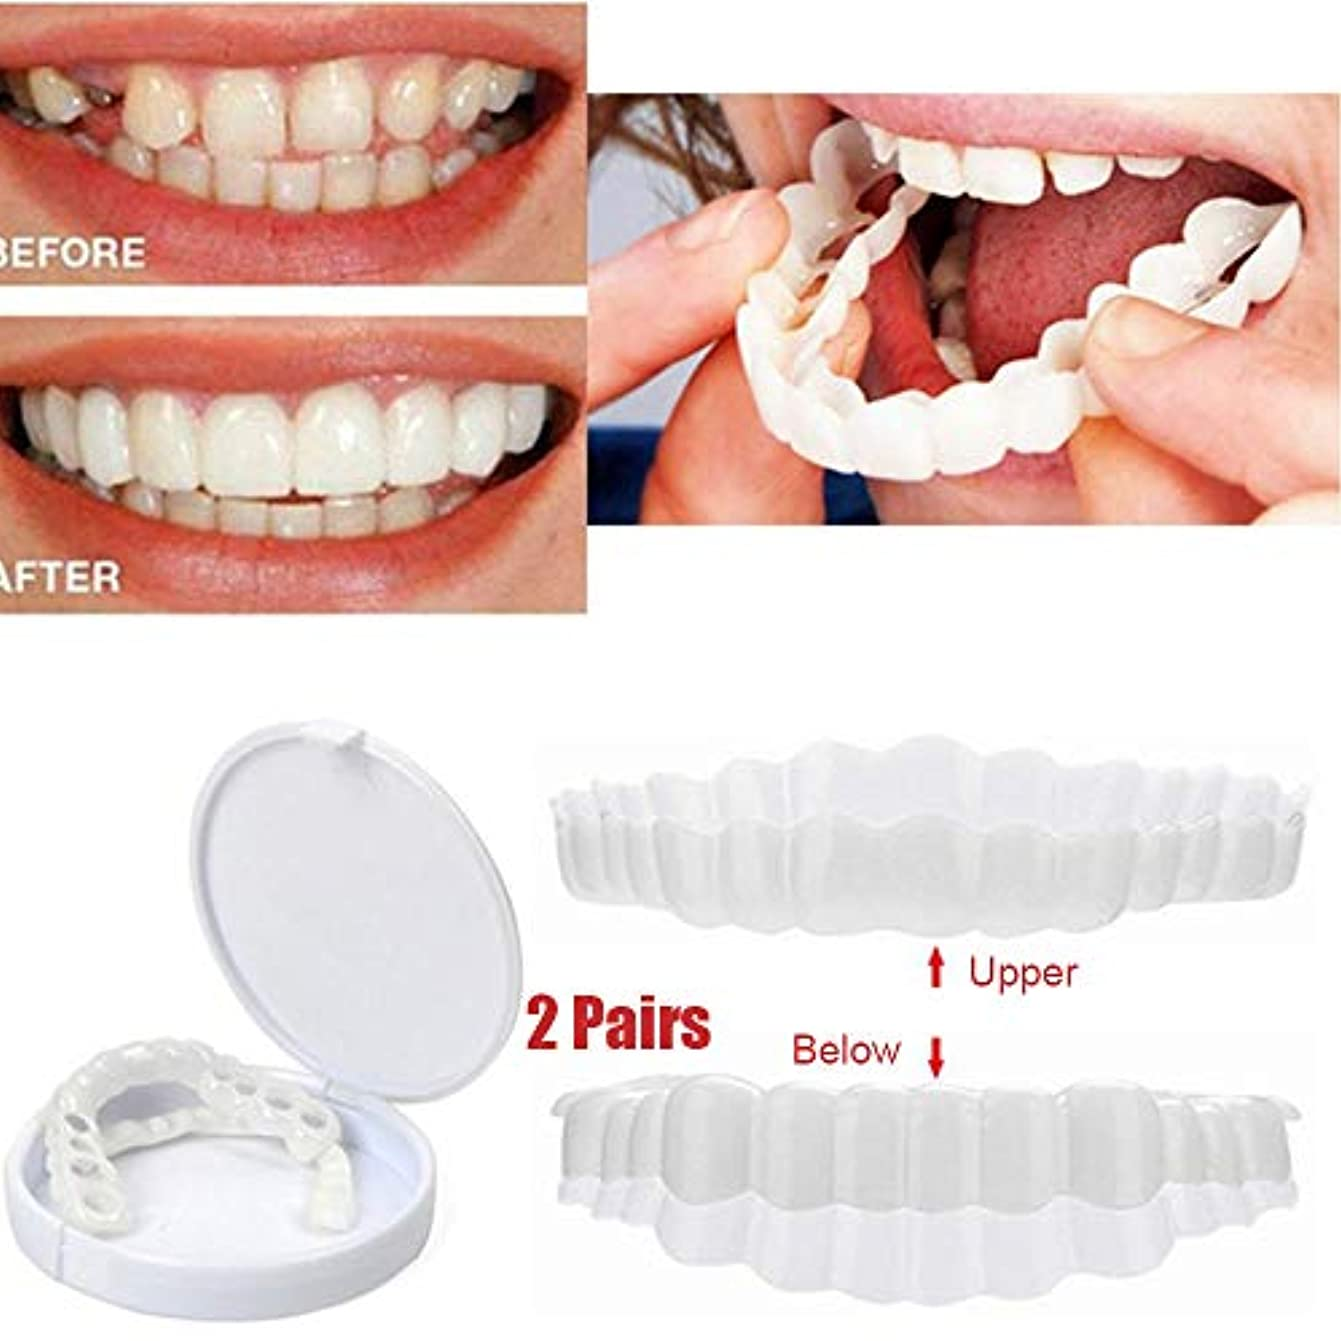 取り囲む従来の酸度白くなるベニヤ歯美容メイクアップ歯快適で柔軟な歯のケアケア自信を持って笑顔黄色い歯悪い歯ホワイトニングオーラルケア(2ペア)